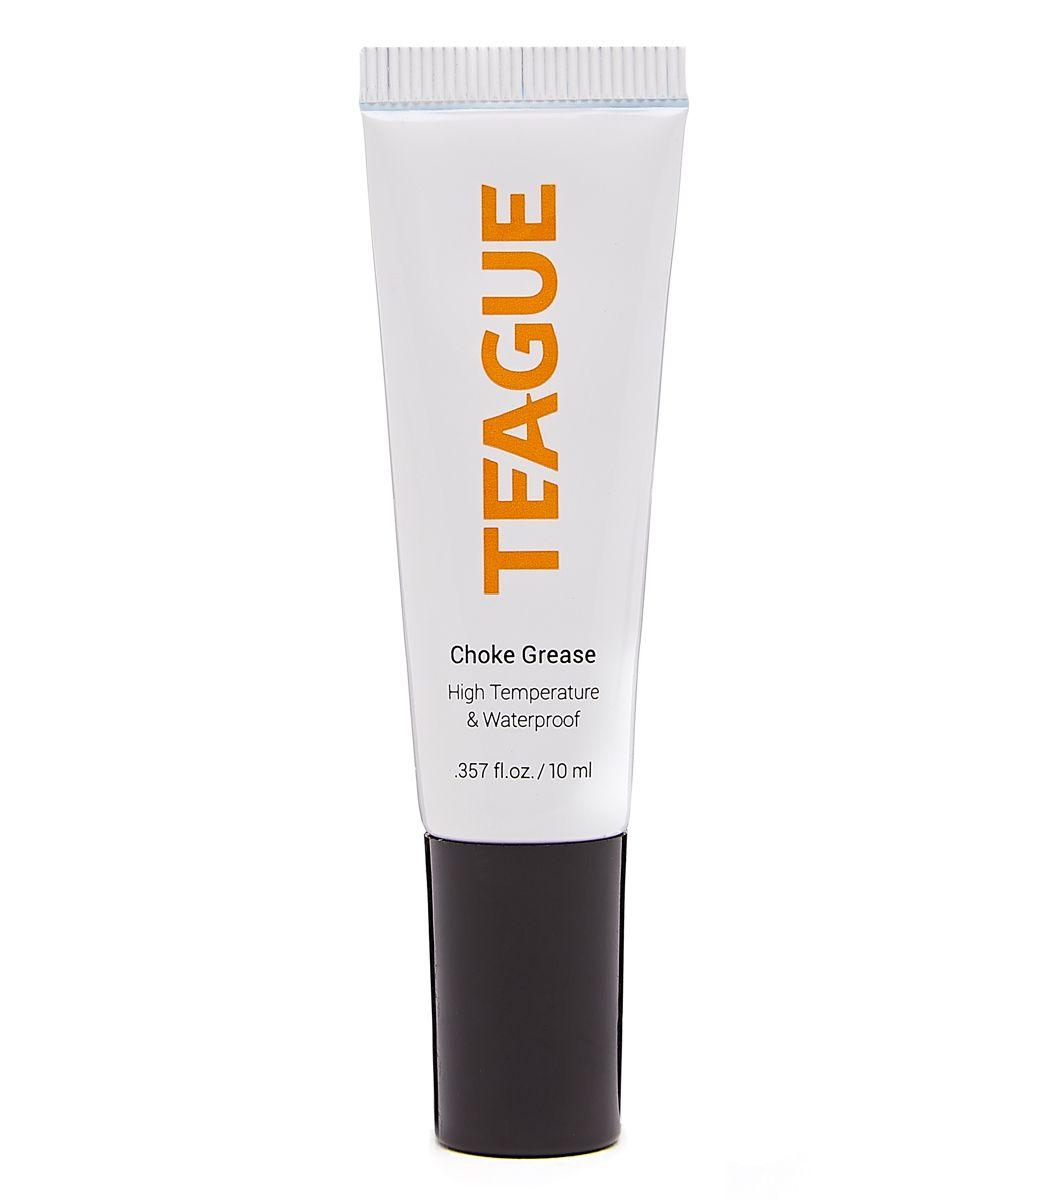 Teague-choke-grease